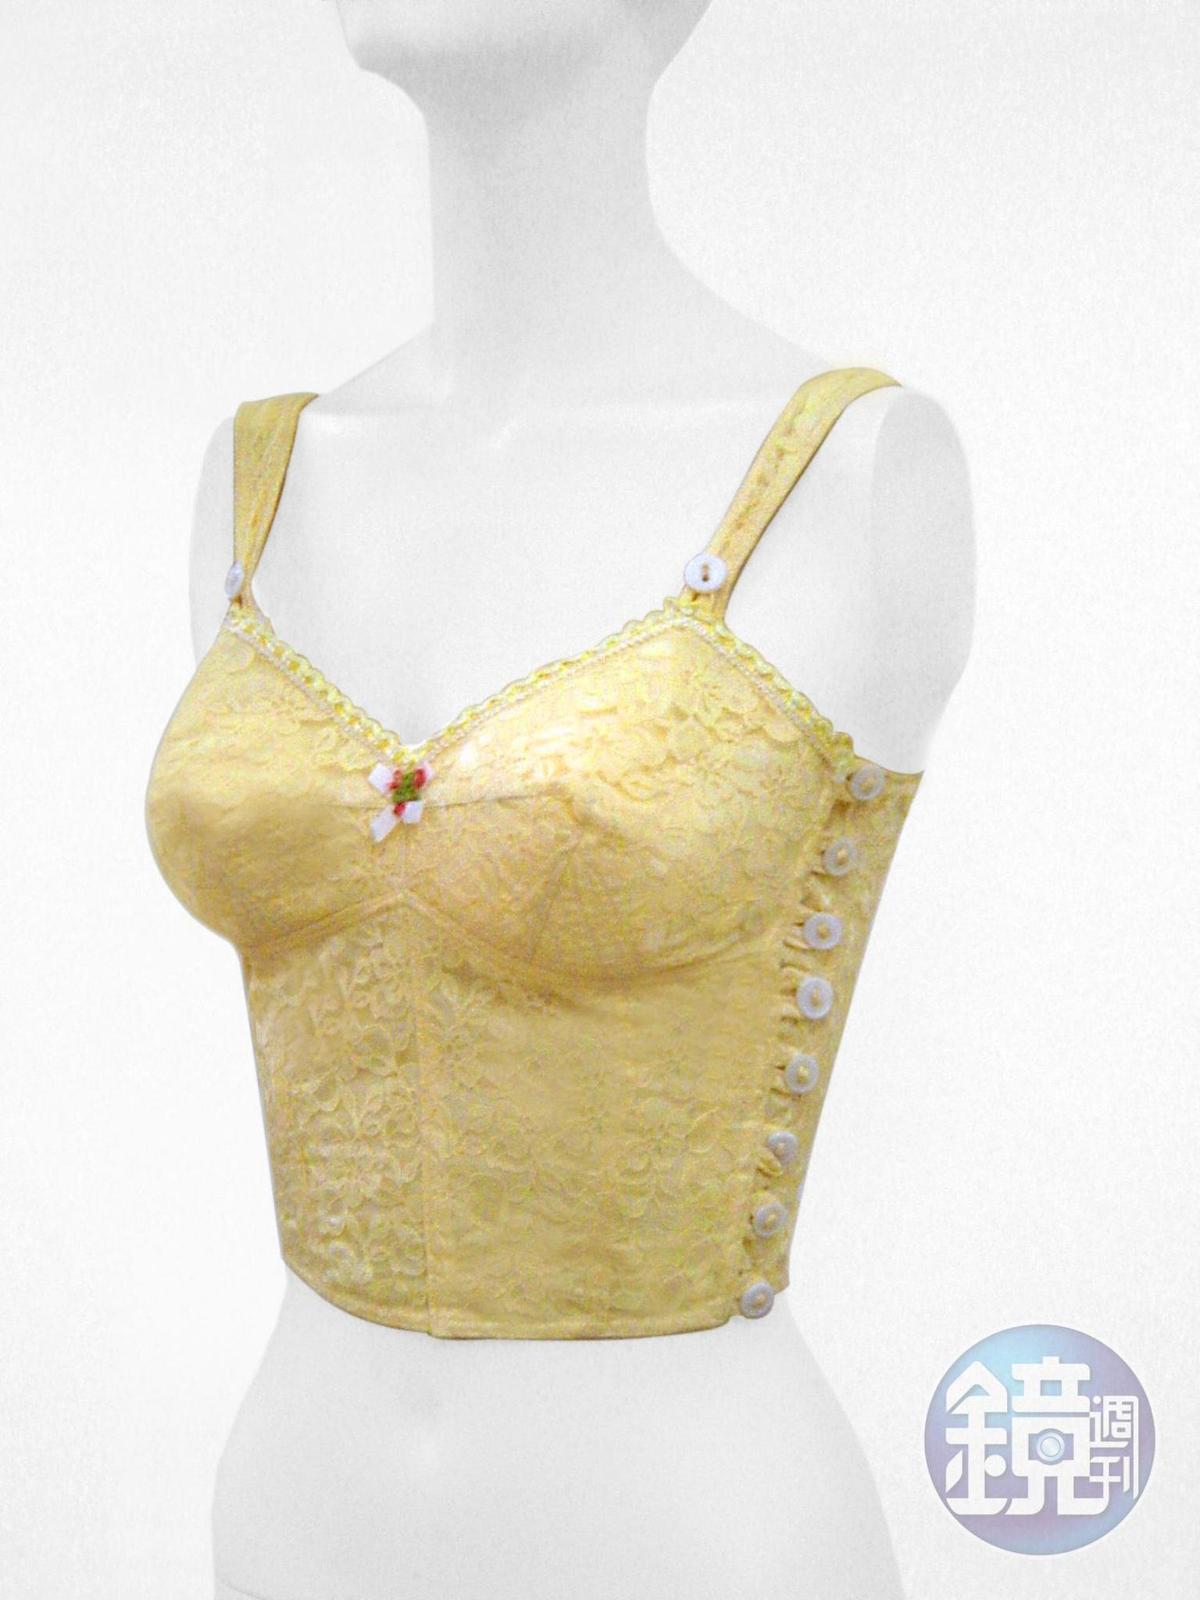 早年鄧民華母親時代的訂製塑身衣,罩杯皆為無鋼圈,鈕扣式設計穿脫不易。(蘿琳亞提供)